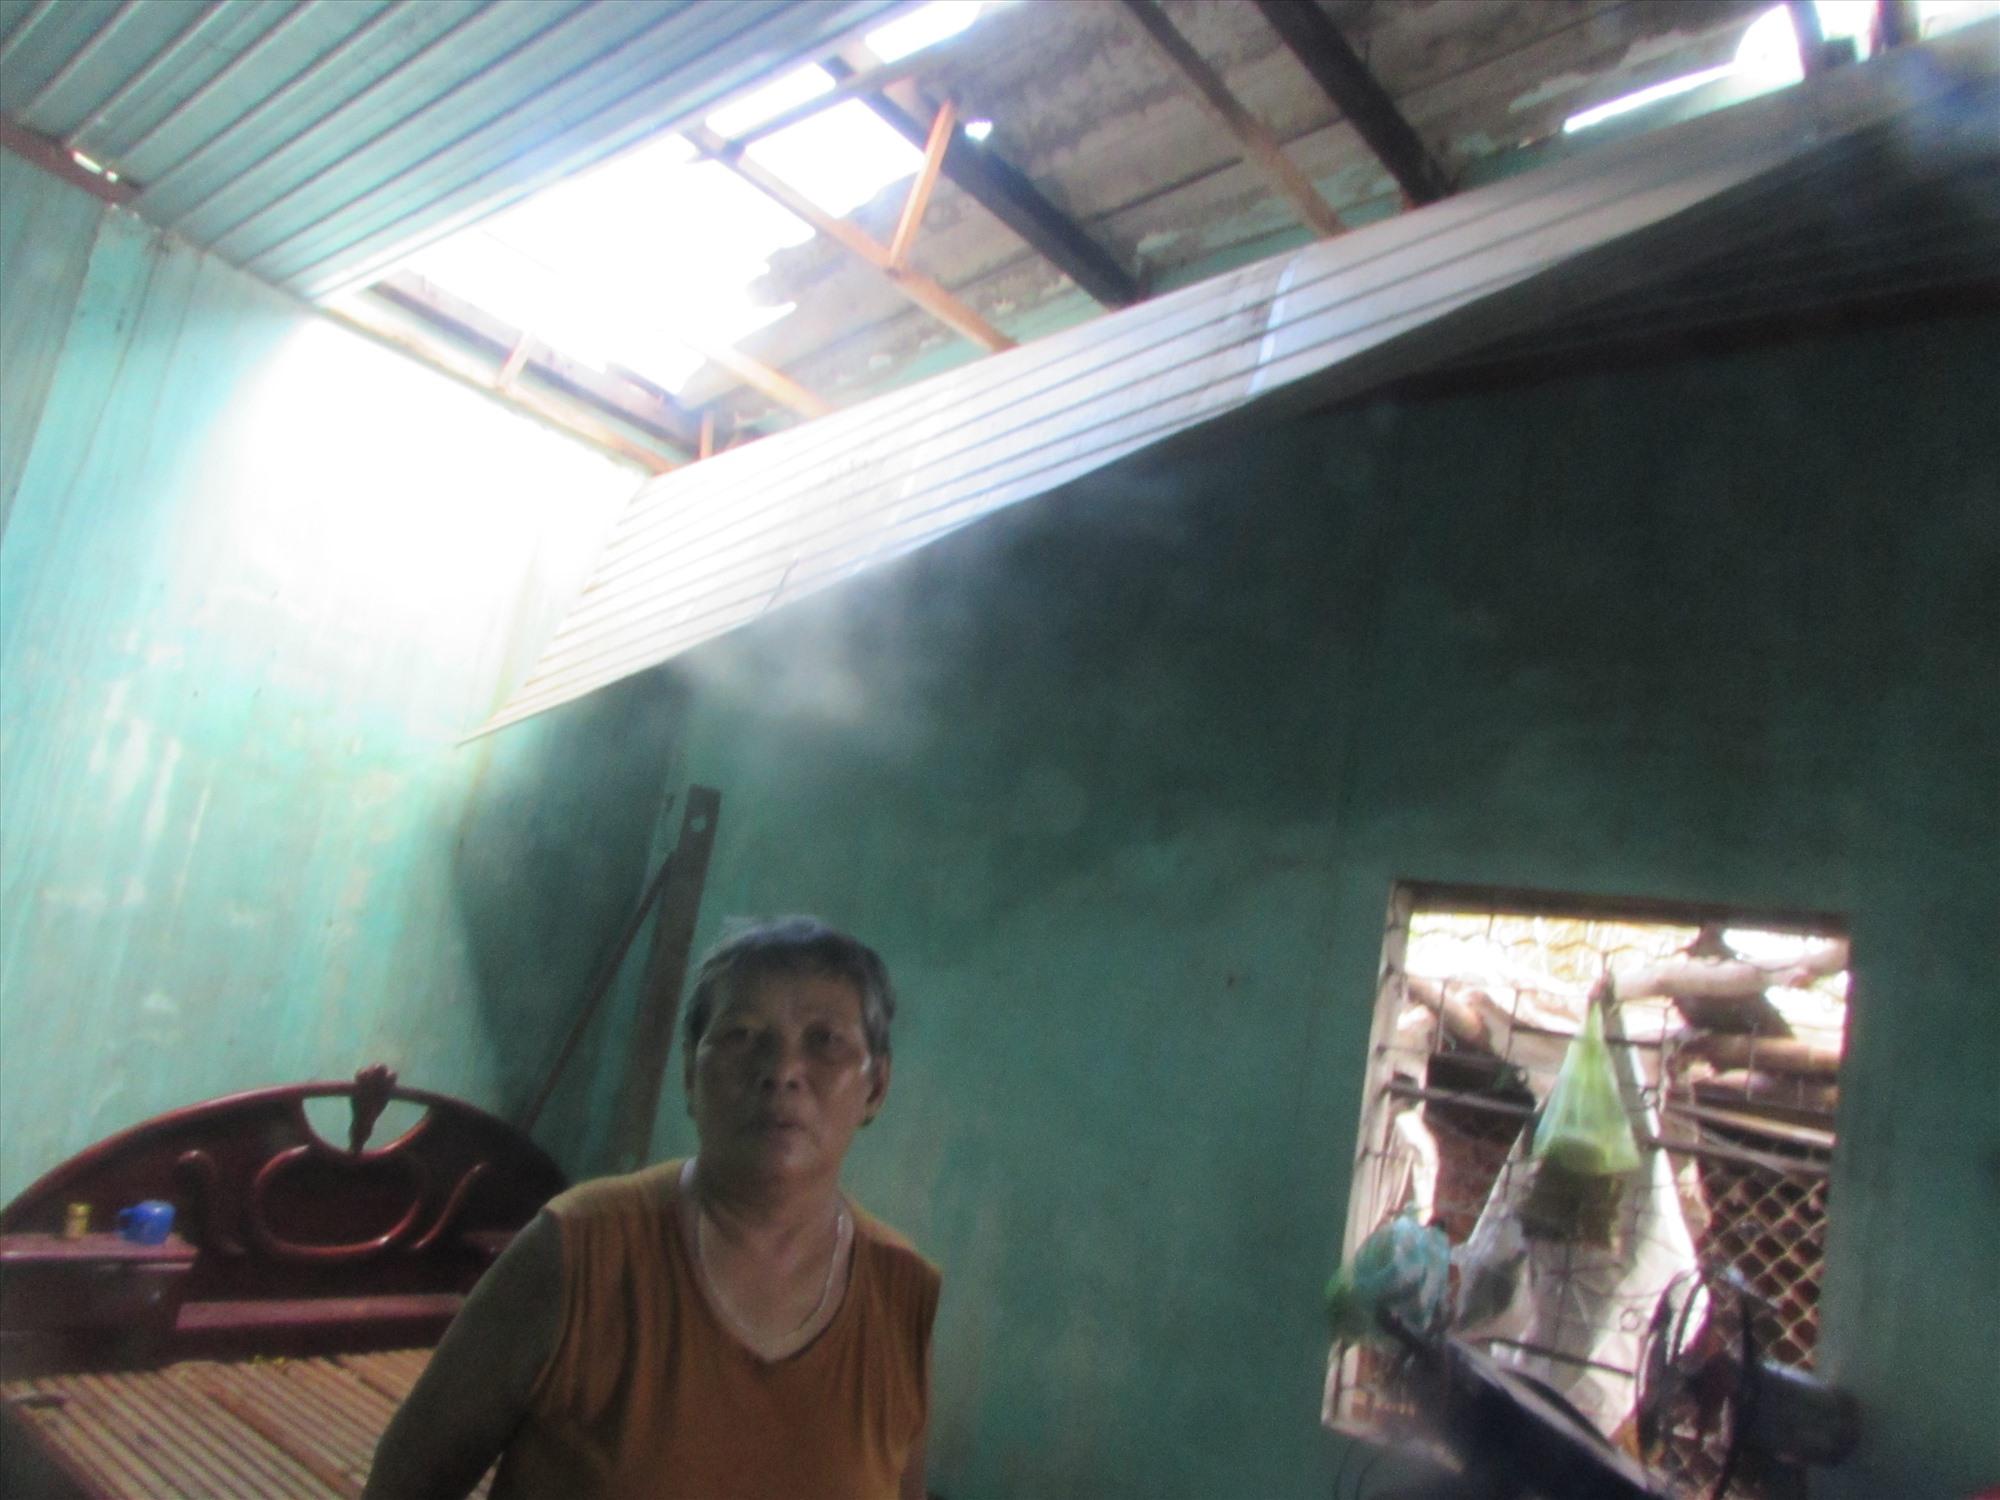 Nhà của một hộ dân ở thị trấn Núi Thành bị tốc mái do bão số 9. Ảnh: Văn Phin